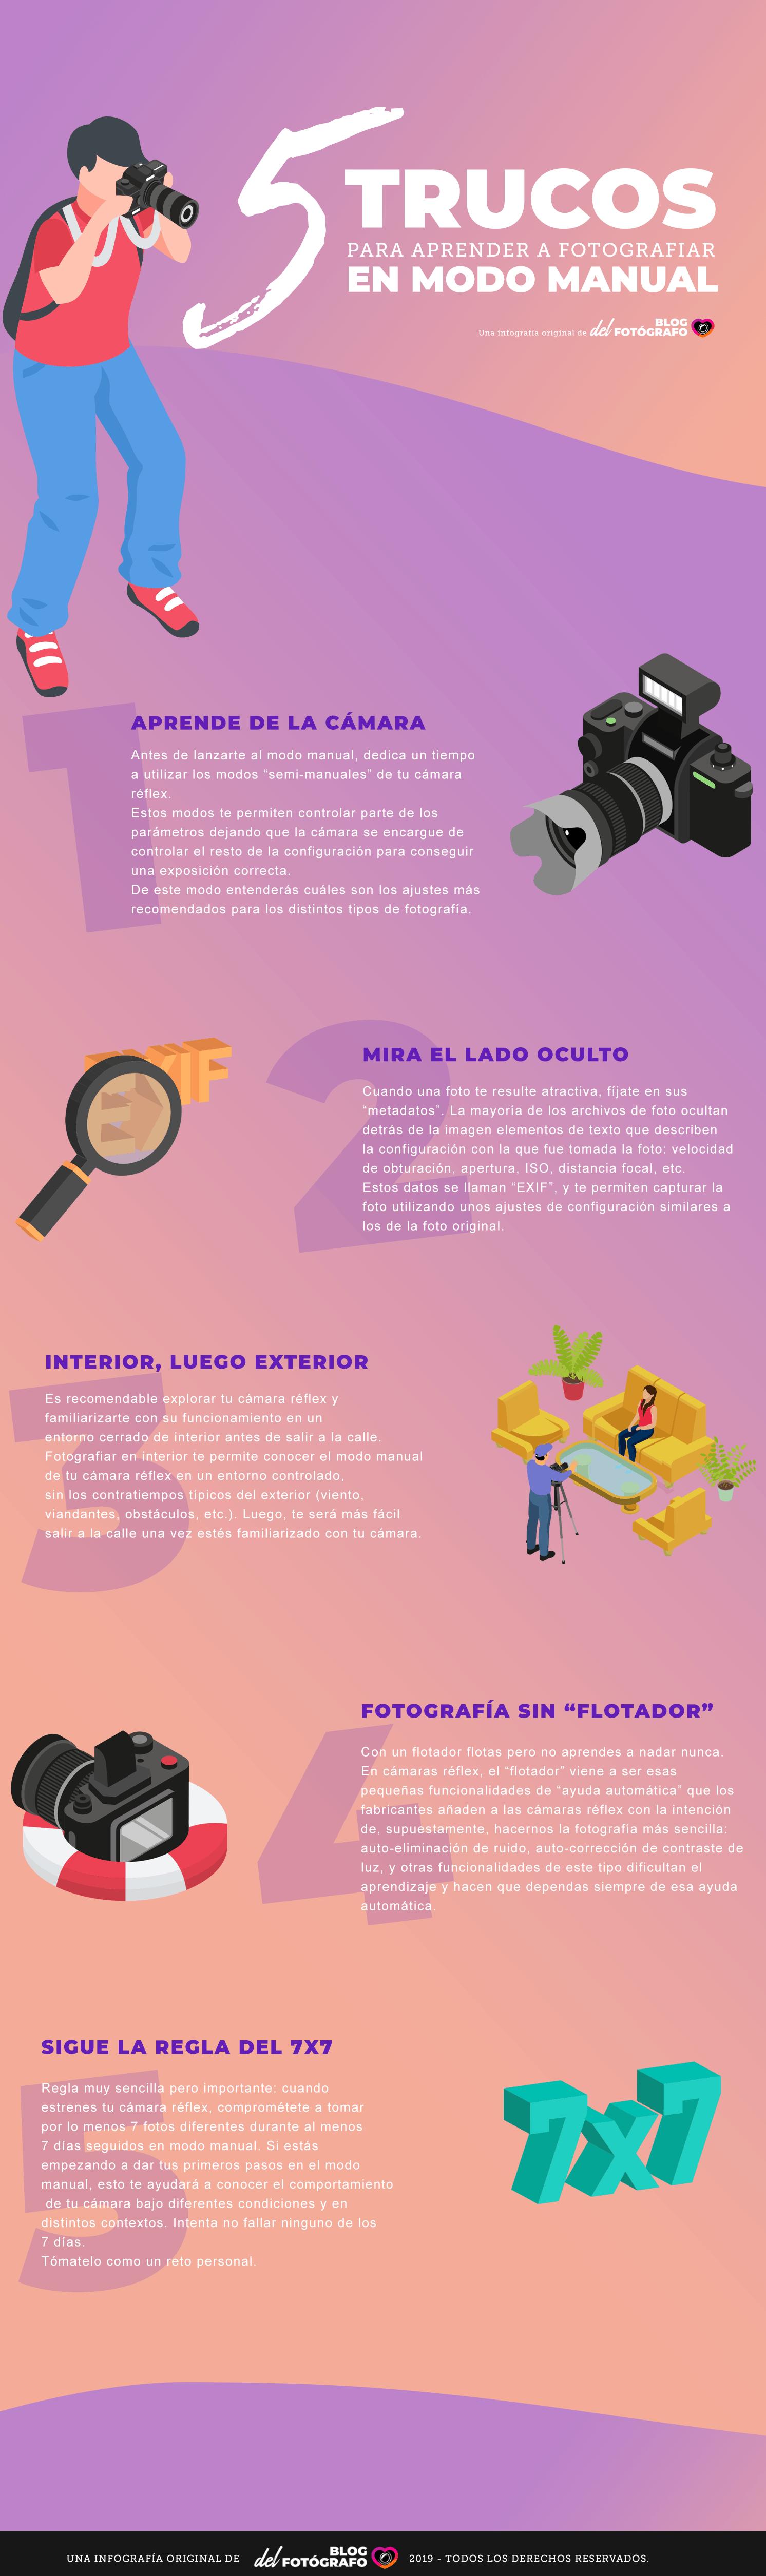 Infografía Trucos para tomar fotos en modo manual